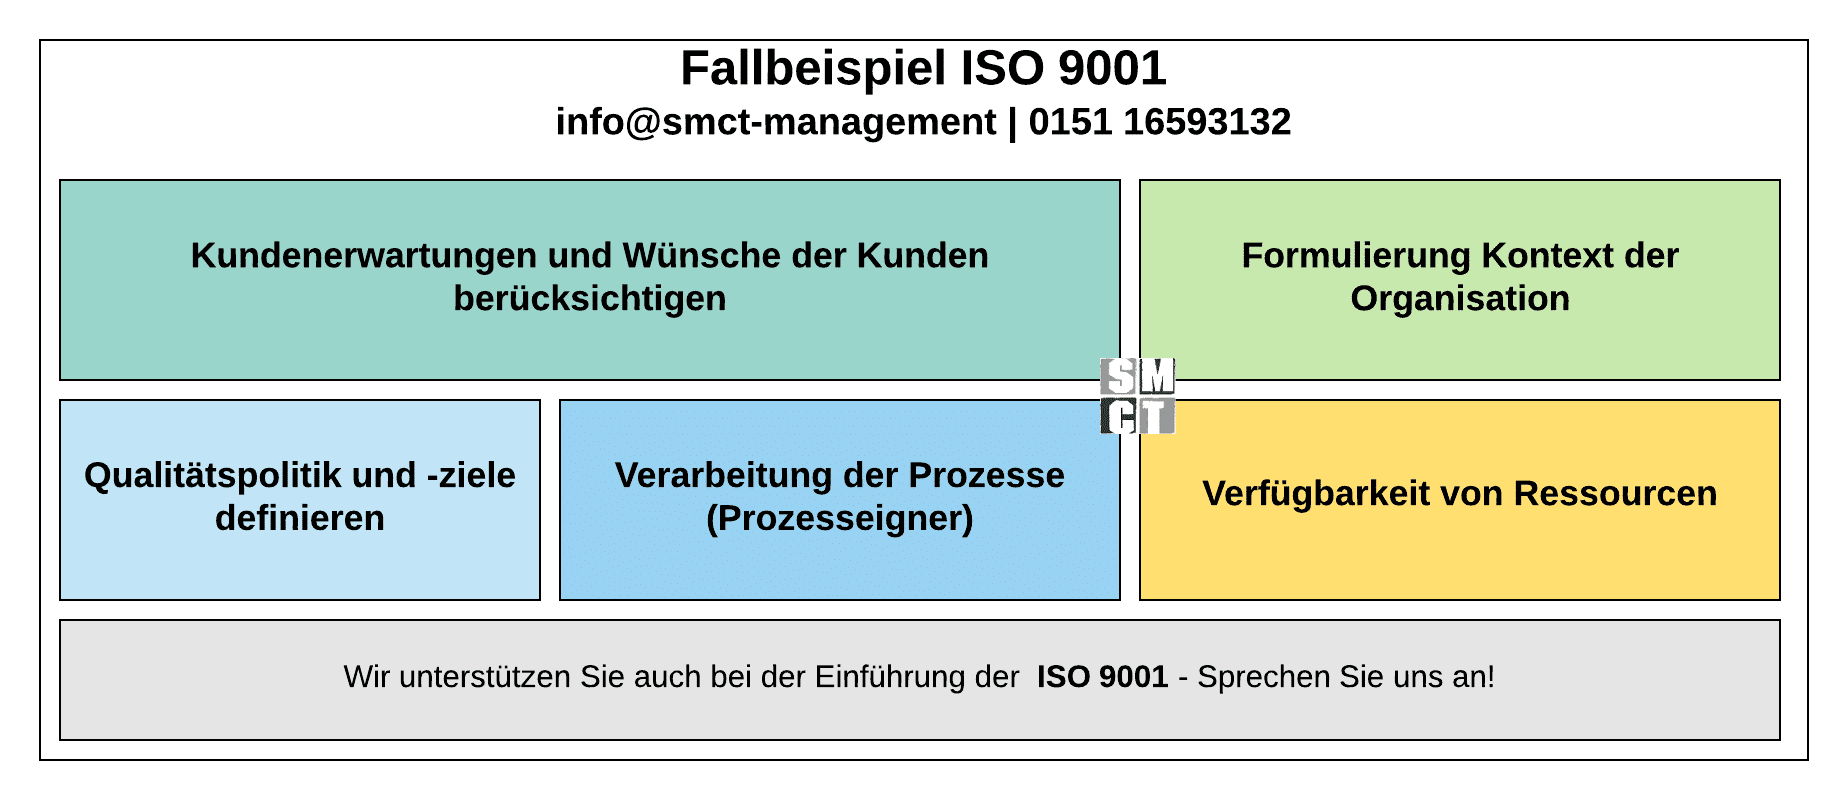 Fallbeispiel QM ISO 9001 | SMCT-MANAGEMENT